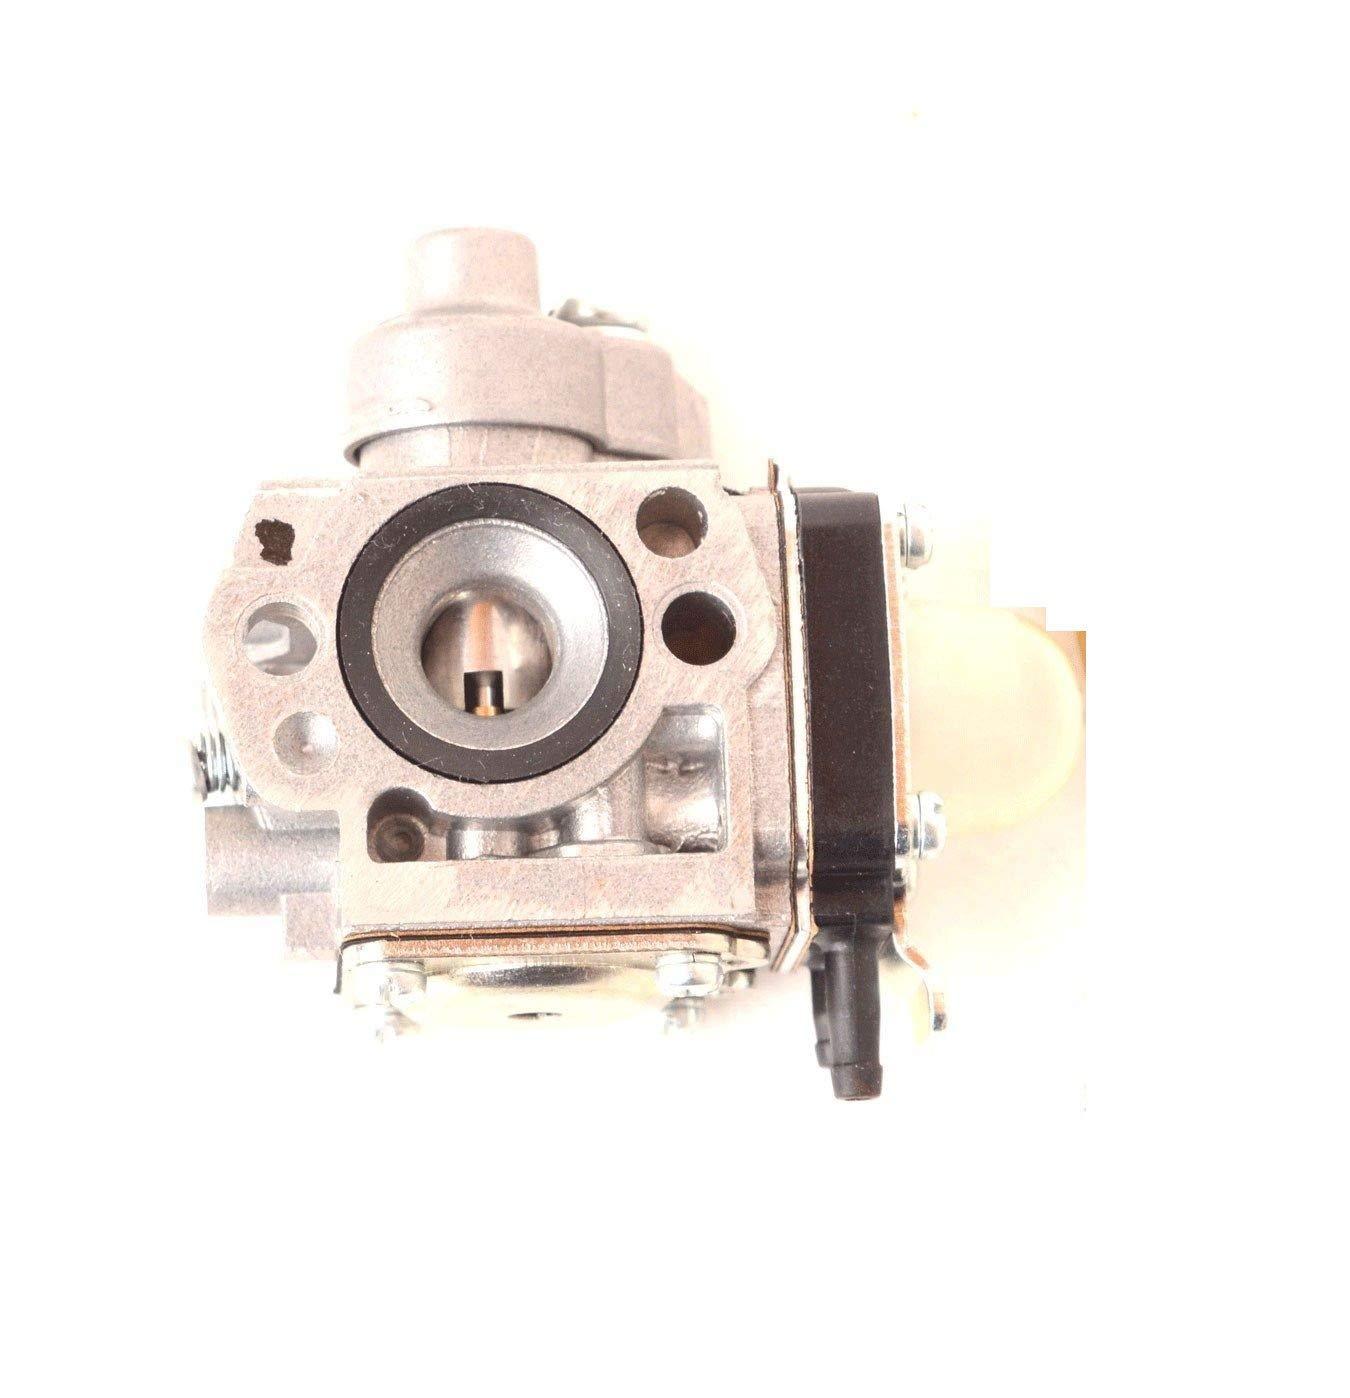 A021002320 Genuine Shindaiwa Carburetor T-261x 62028-81010 81011 81012 81013